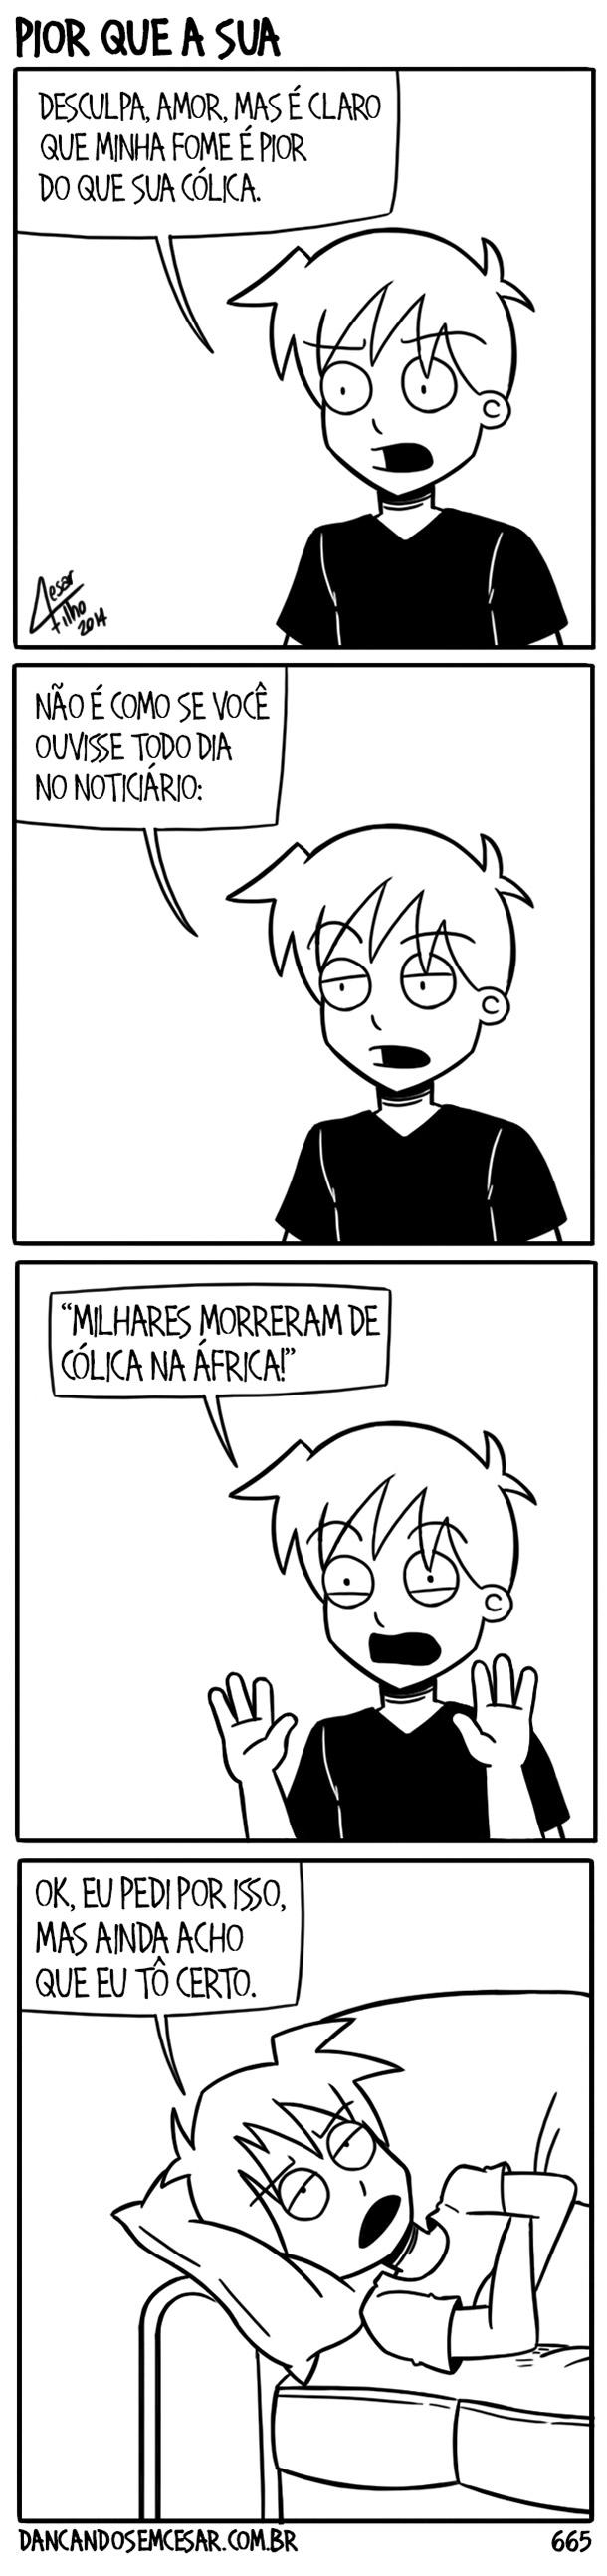 colica